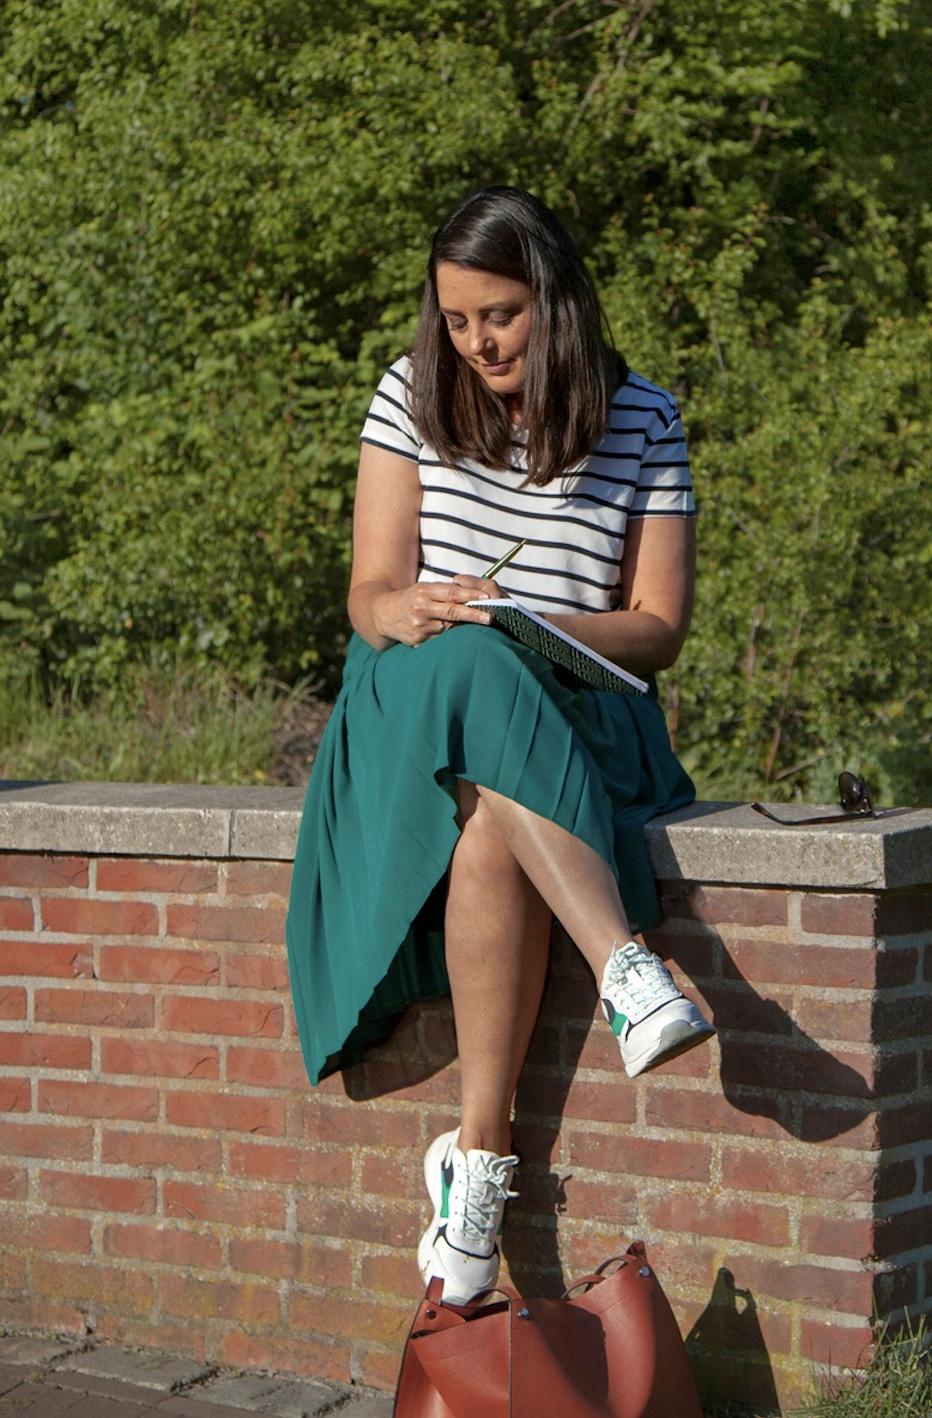 Meet the Dork - Mandy van Rijthoven | Paperdork klanten